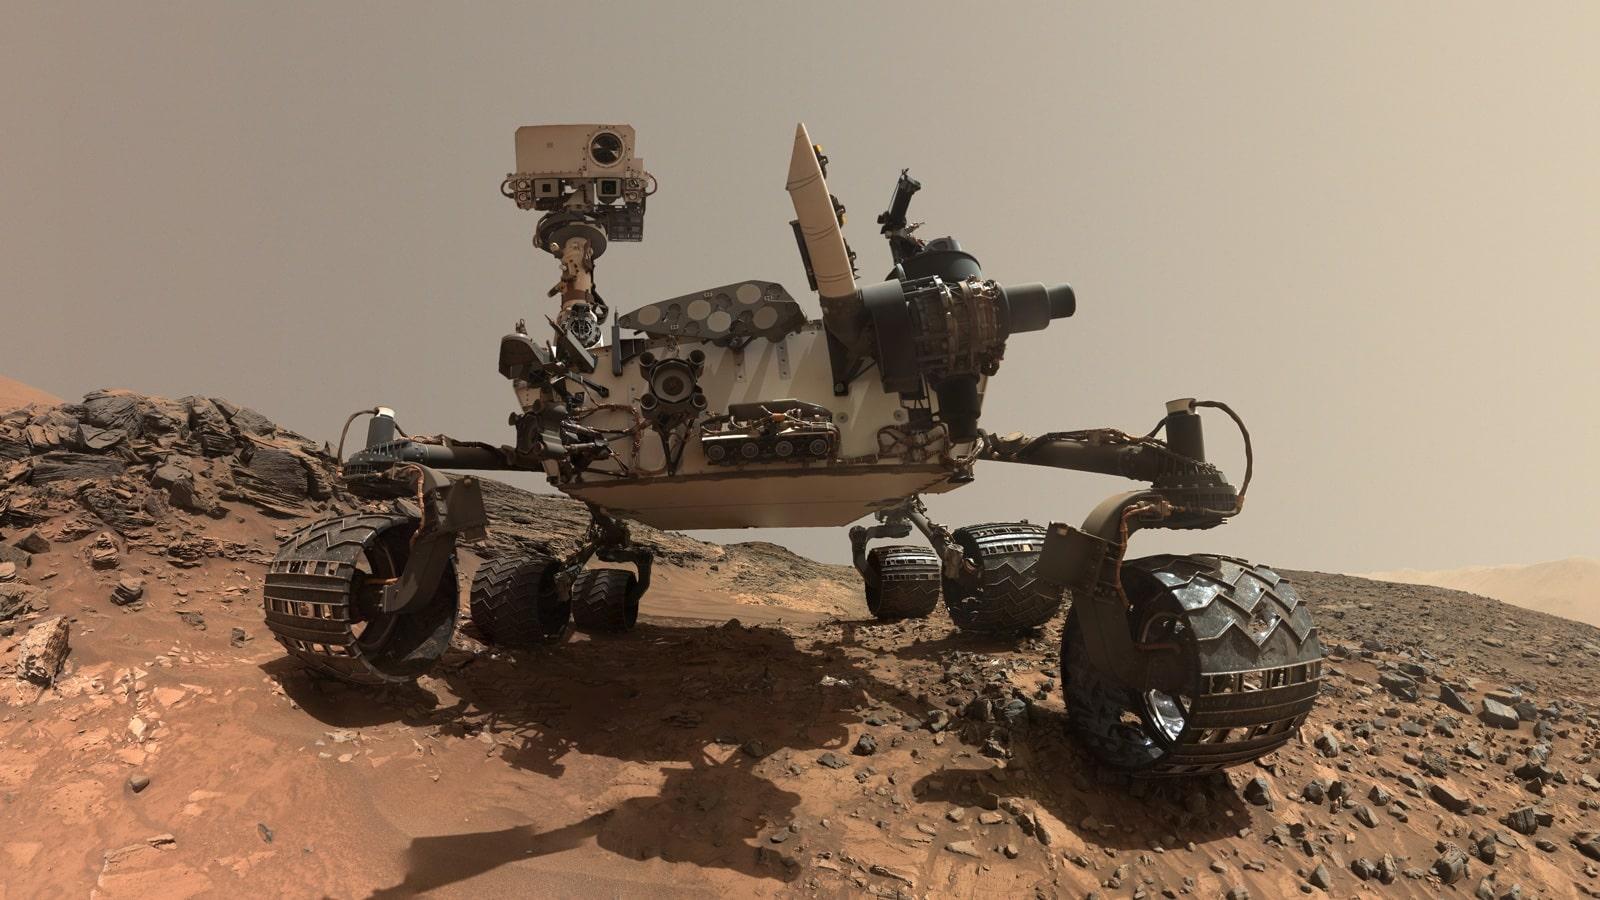 Curiosity découvre que des traces d'une ancienne vie martienne ont potentiellement été détruites